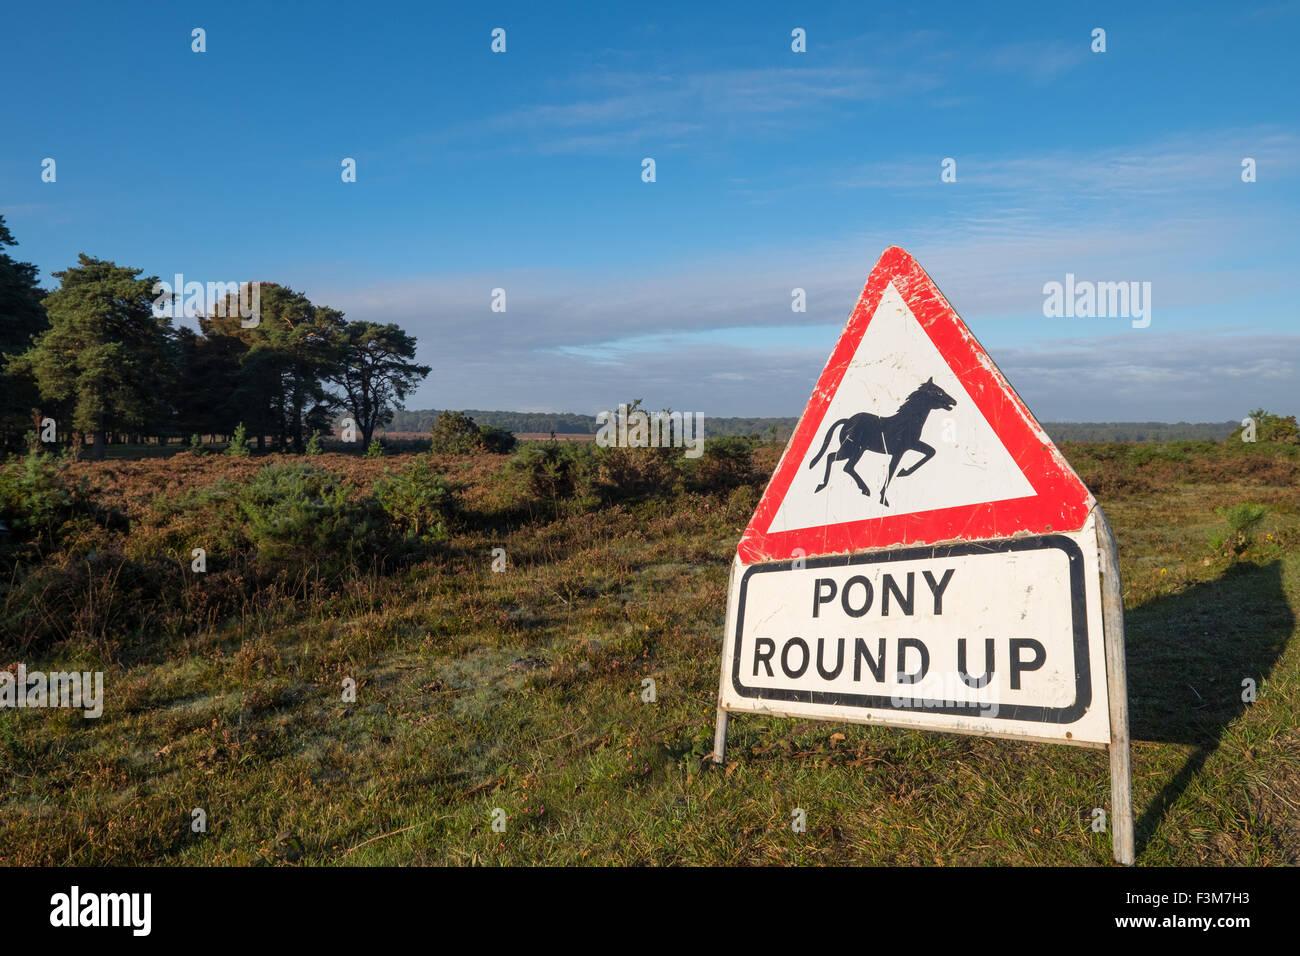 Pony round up attenzione cartello stradale nella nuova foresta Hampshire REGNO UNITO Immagini Stock